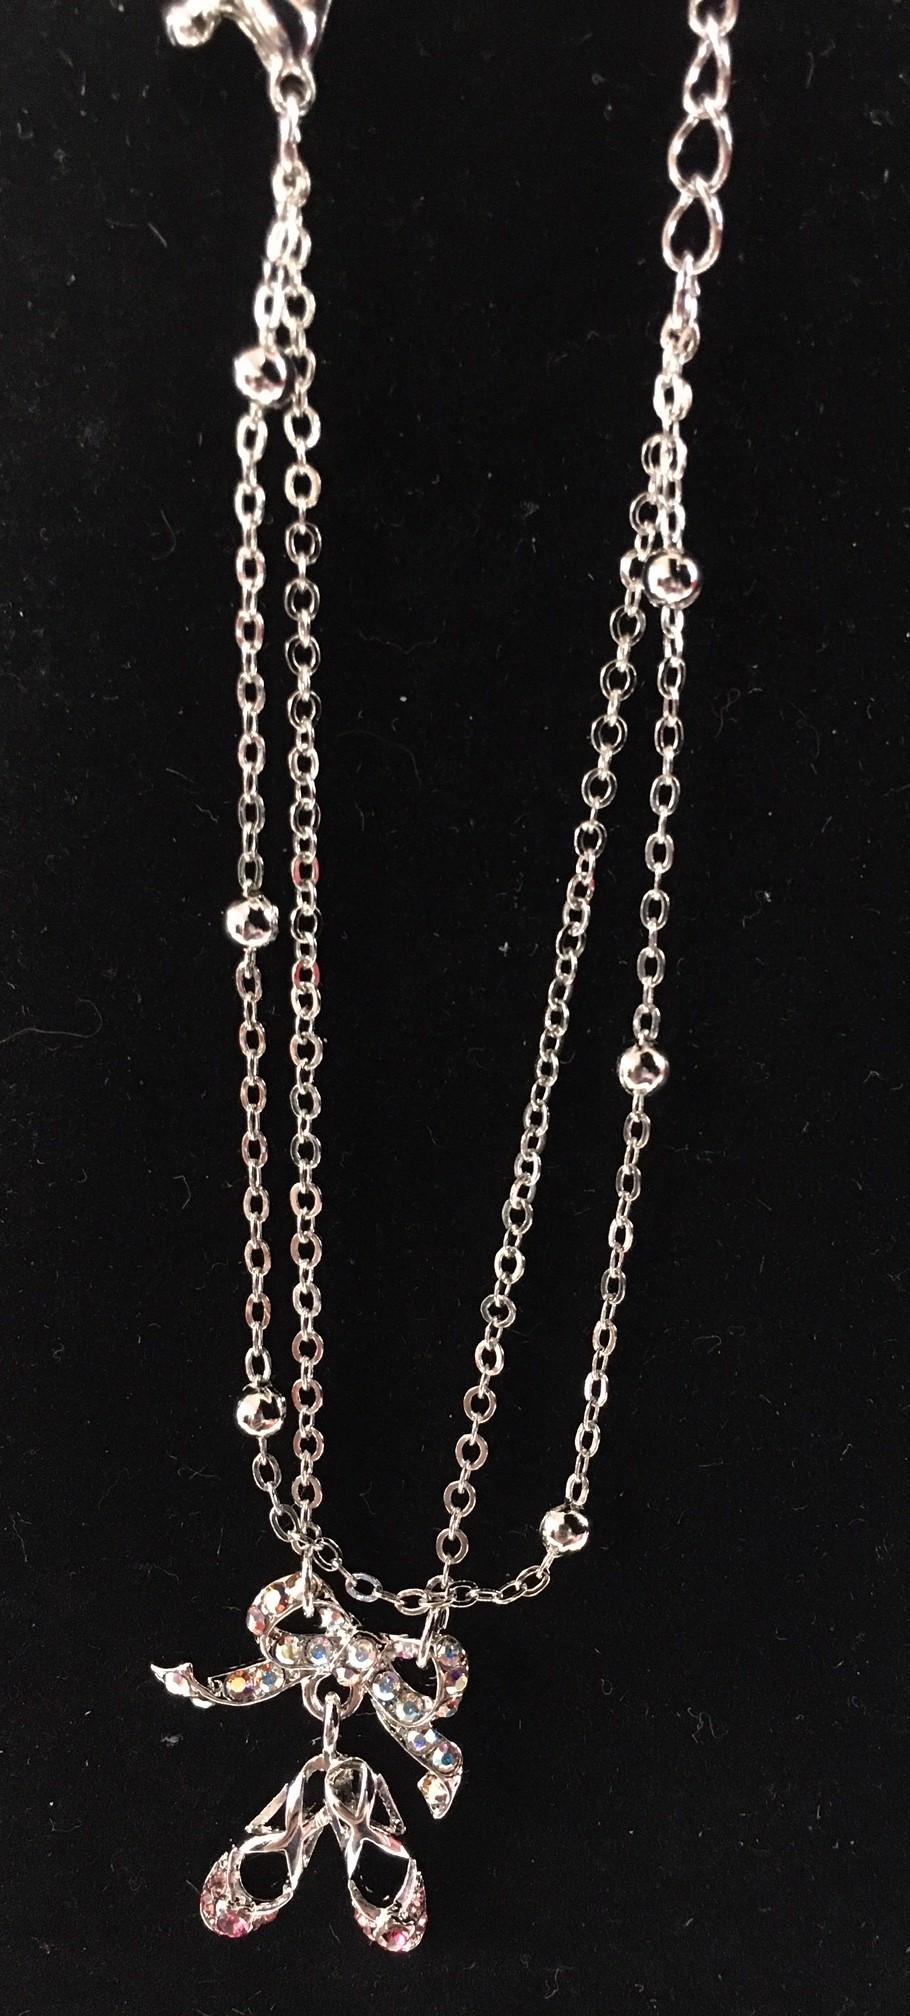 Double Layer Pointe Shoe Bracelet